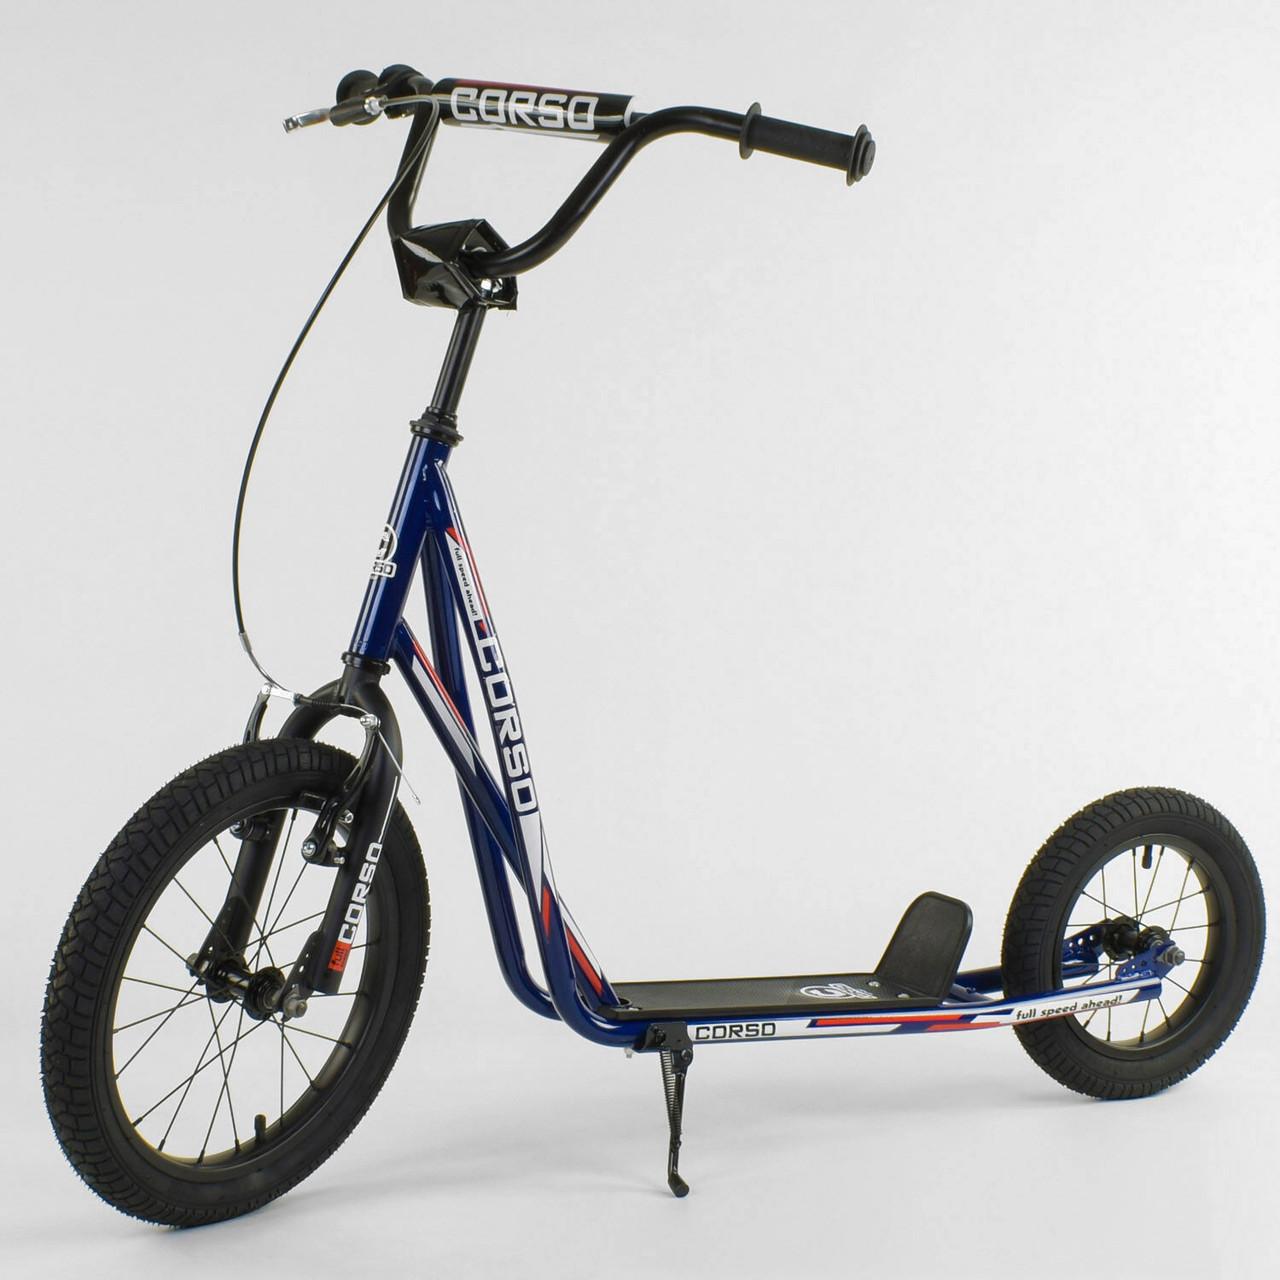 Двоколісний дитячий самокат металевий для хлопчика Corso МХ 30609, колеса надувні, ручного гальма, синій